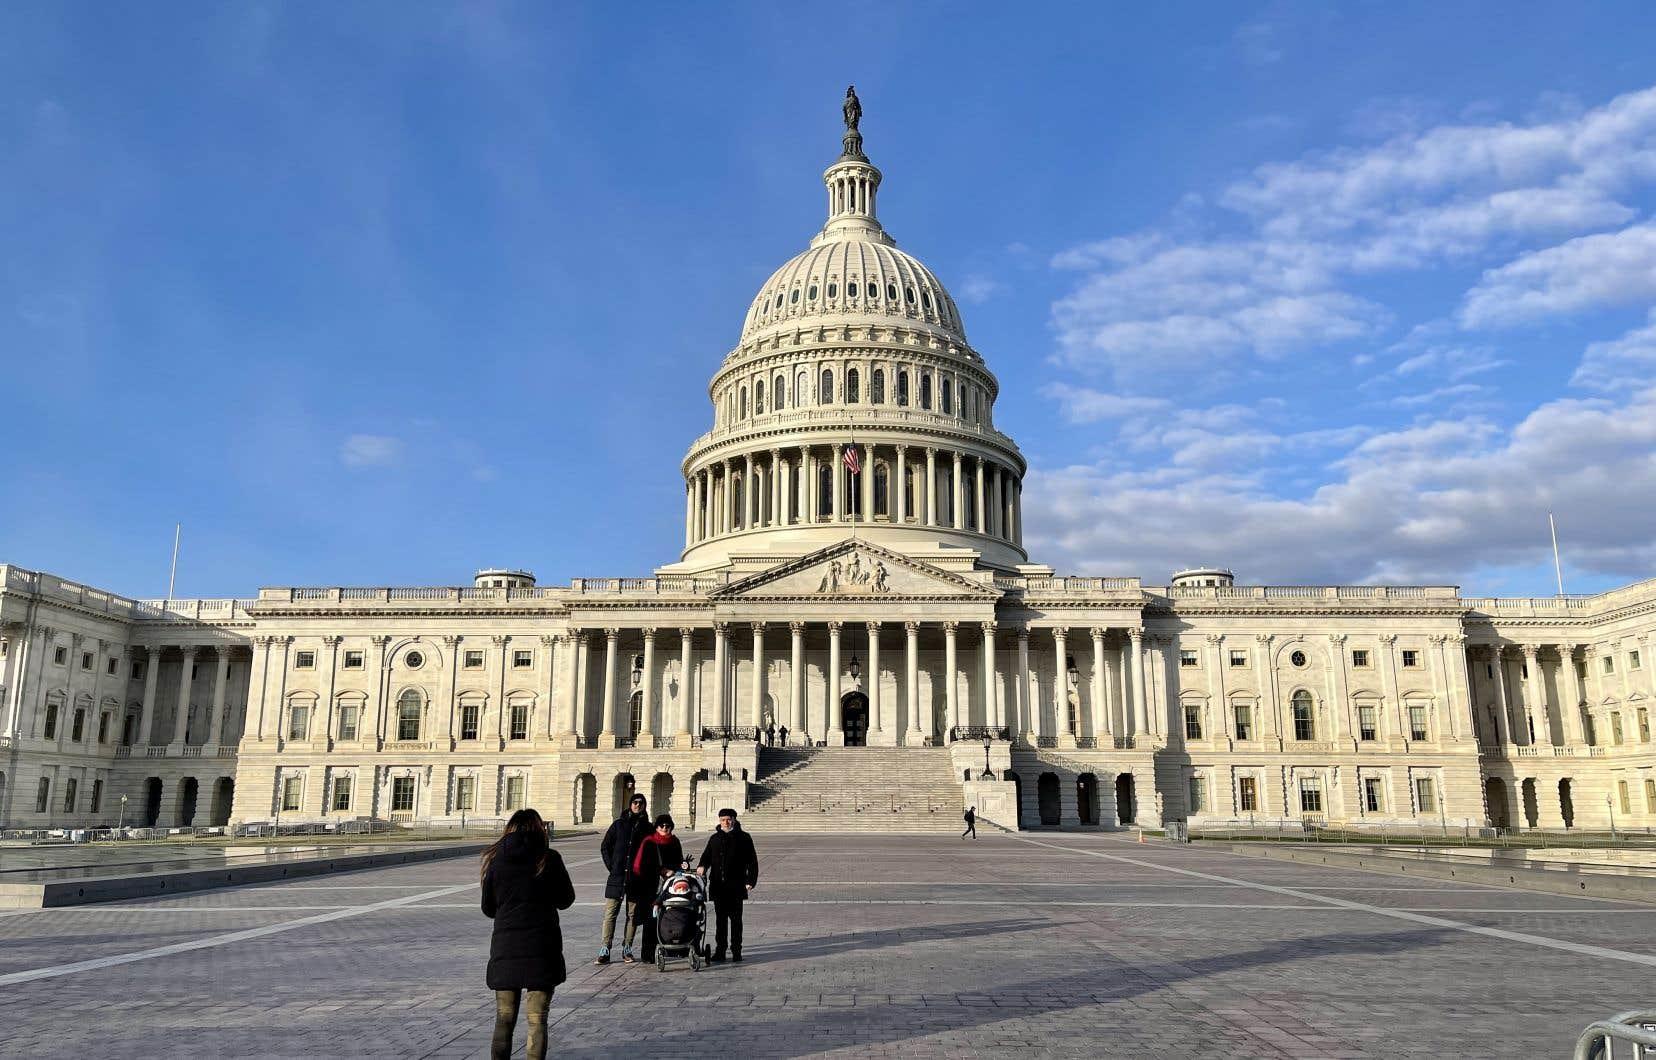 Donald Trump est accusé d'avoir encouragé ses partisans à se lancer à l'assaut du Capitole le 6janvier au moment où les élus du Congrès certifiaient la victoire de son rival démocrate à la présidentielle.